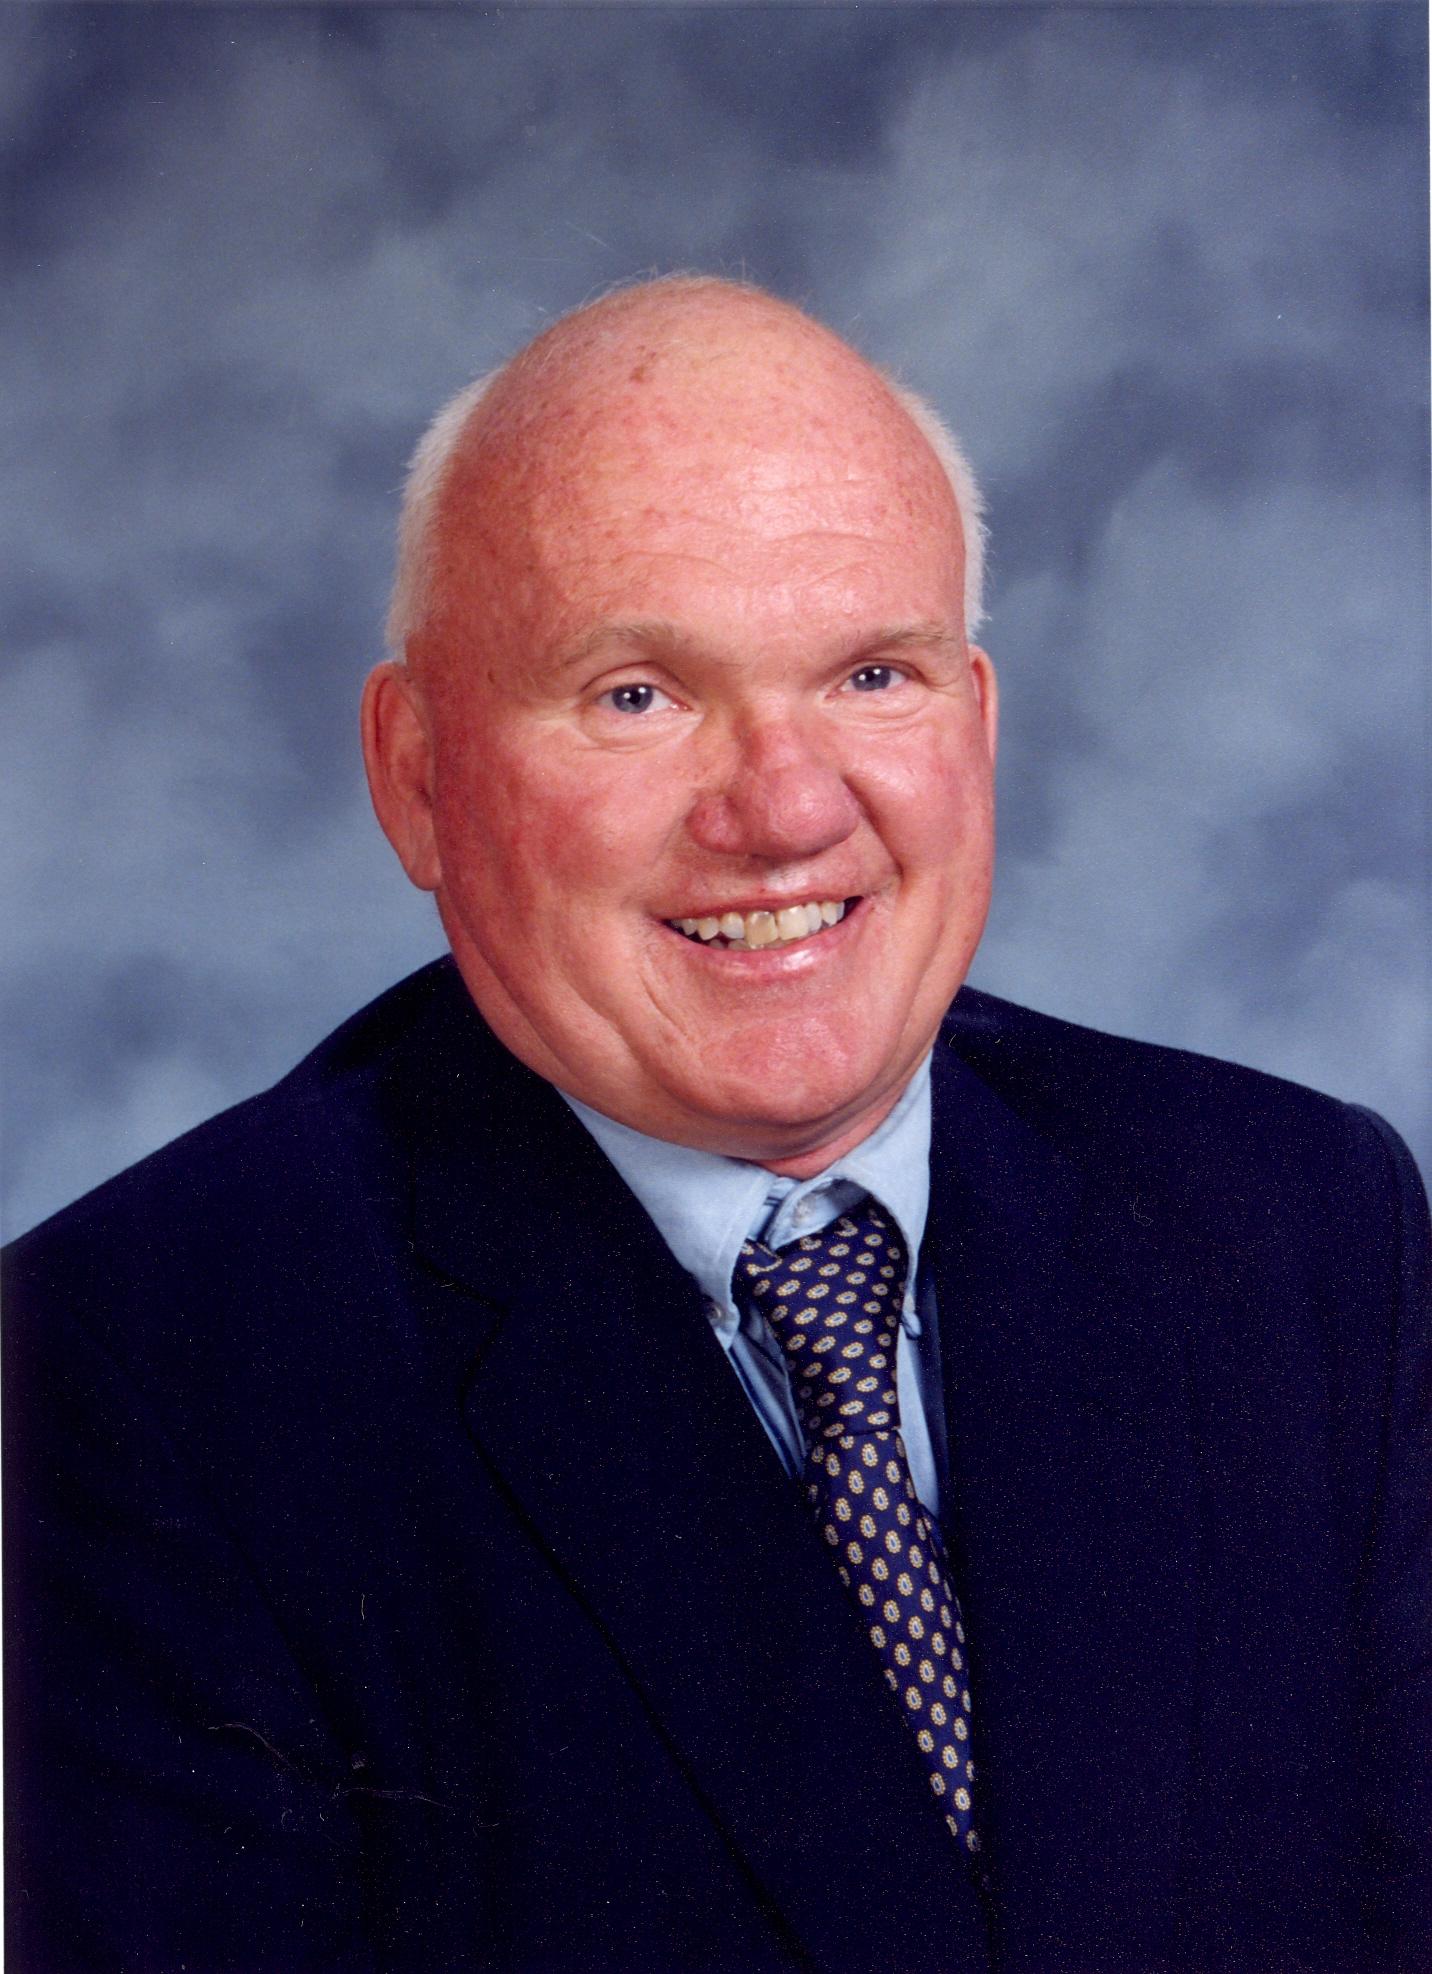 Br. Pat Drohan, CSV